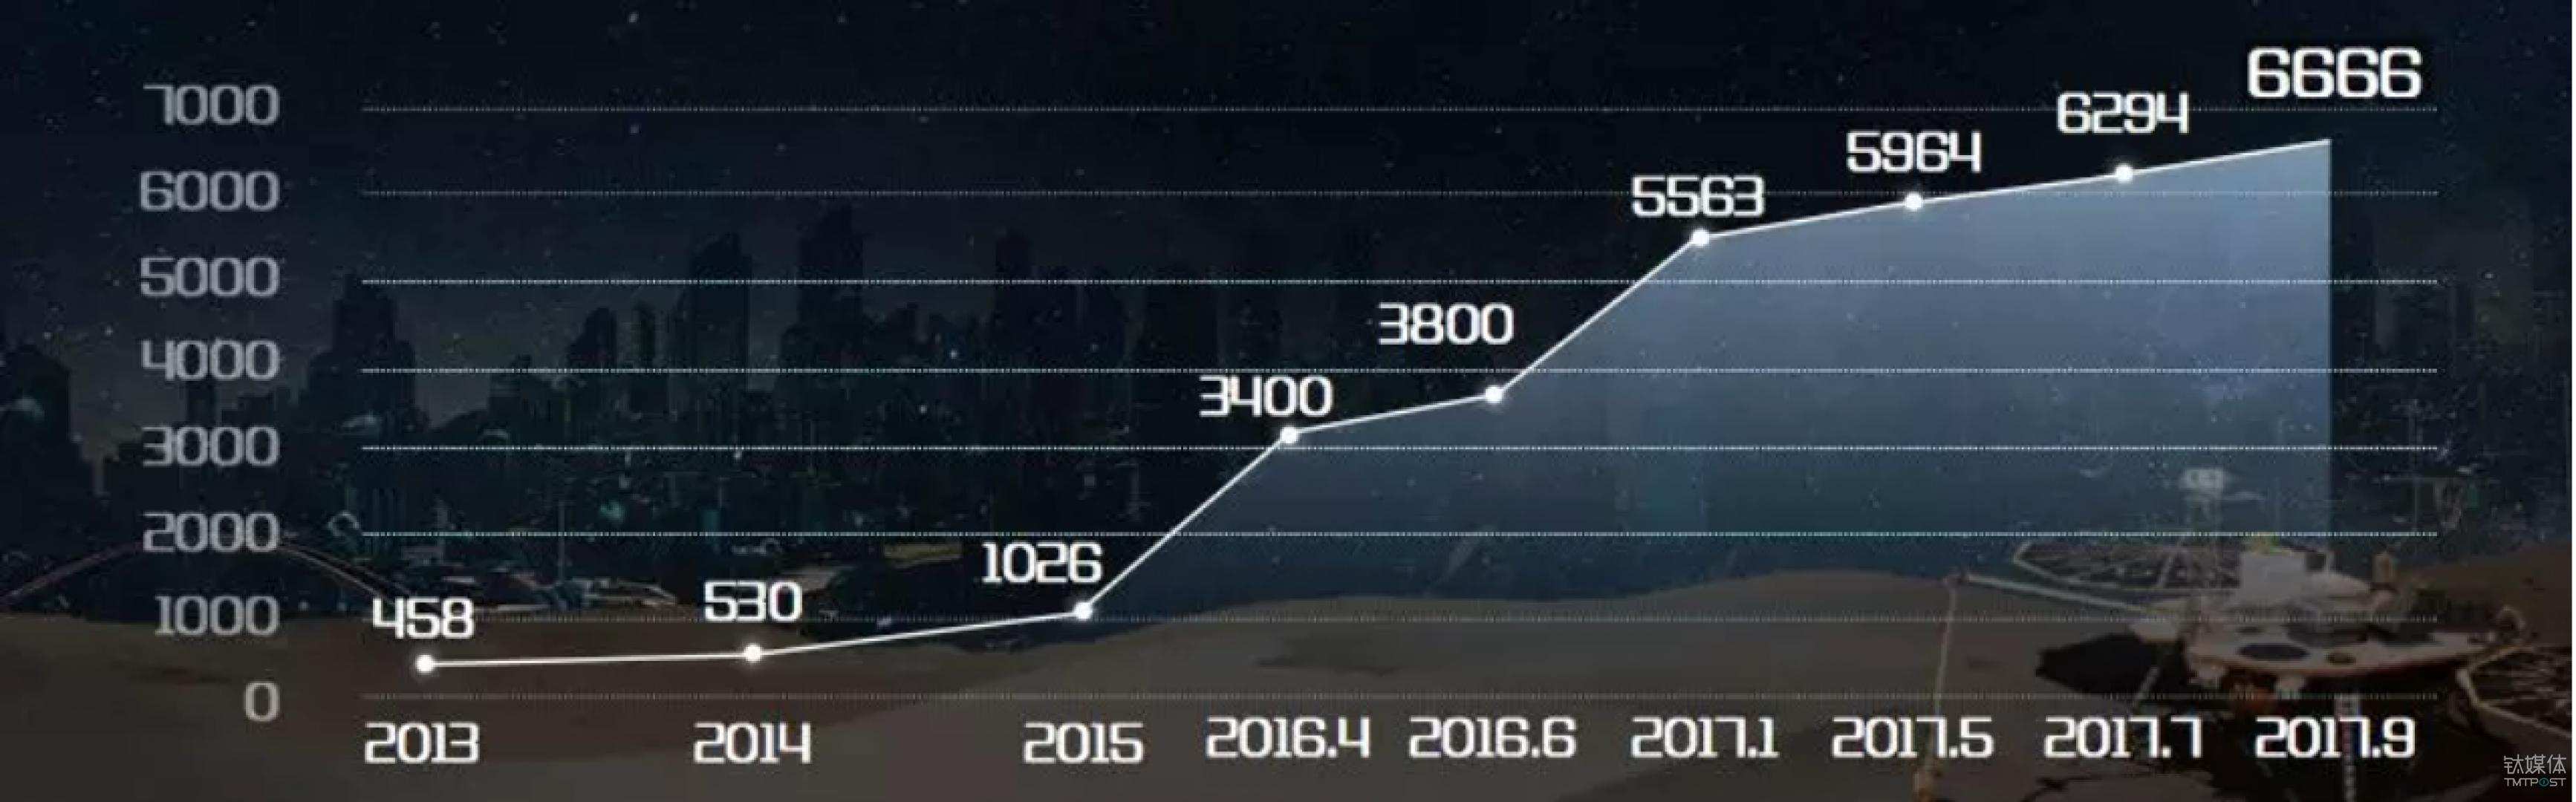 中国机器人公司增长图